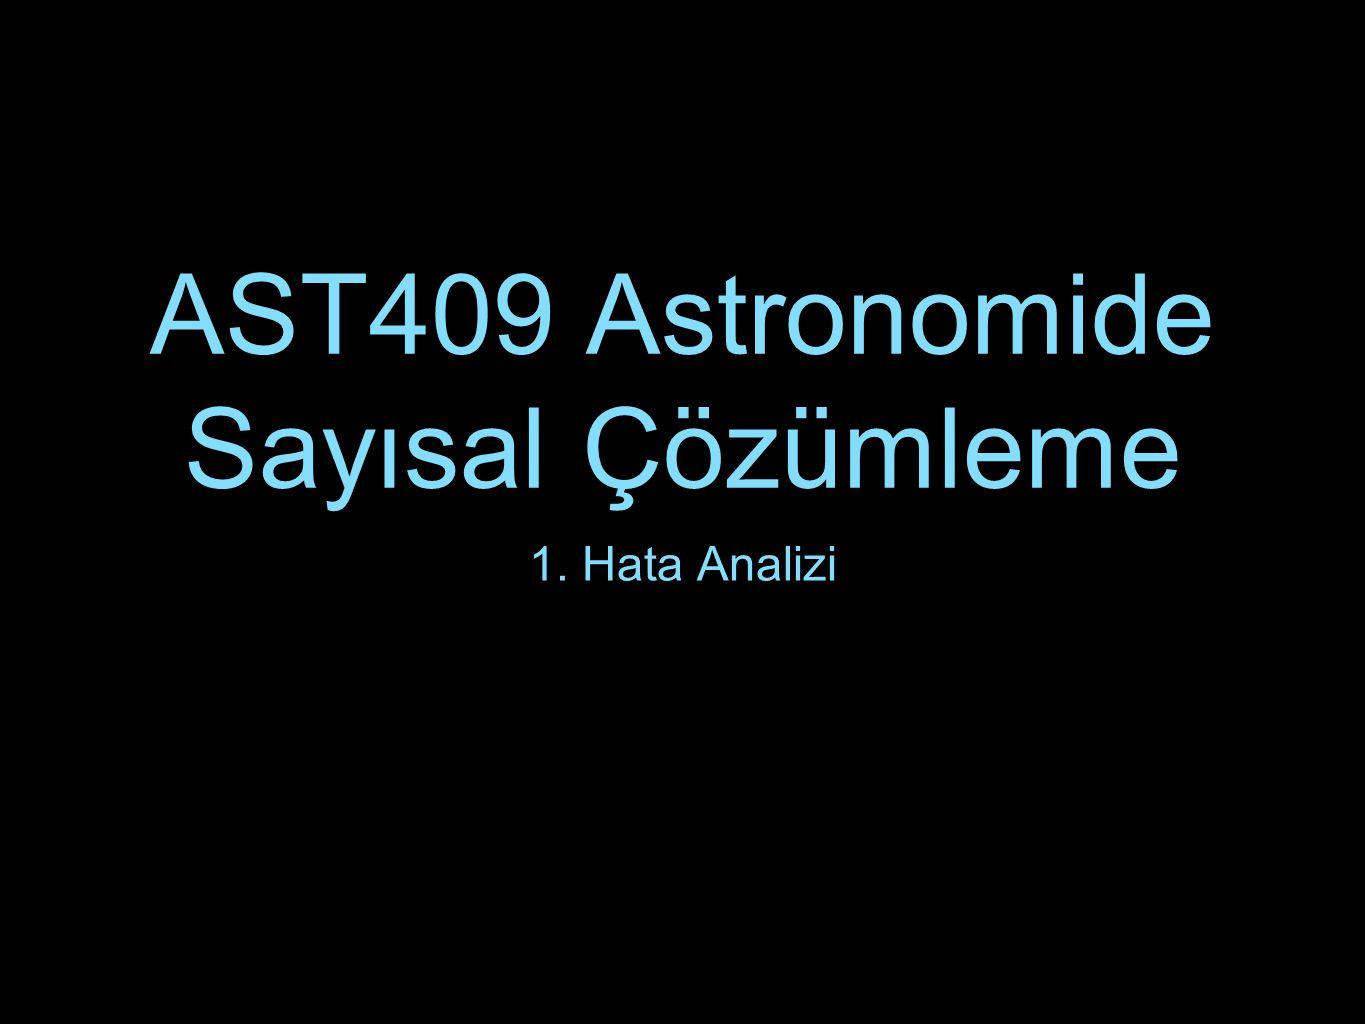 AST409 Astronomide Sayısal Çözümleme 1. Hata Analizi